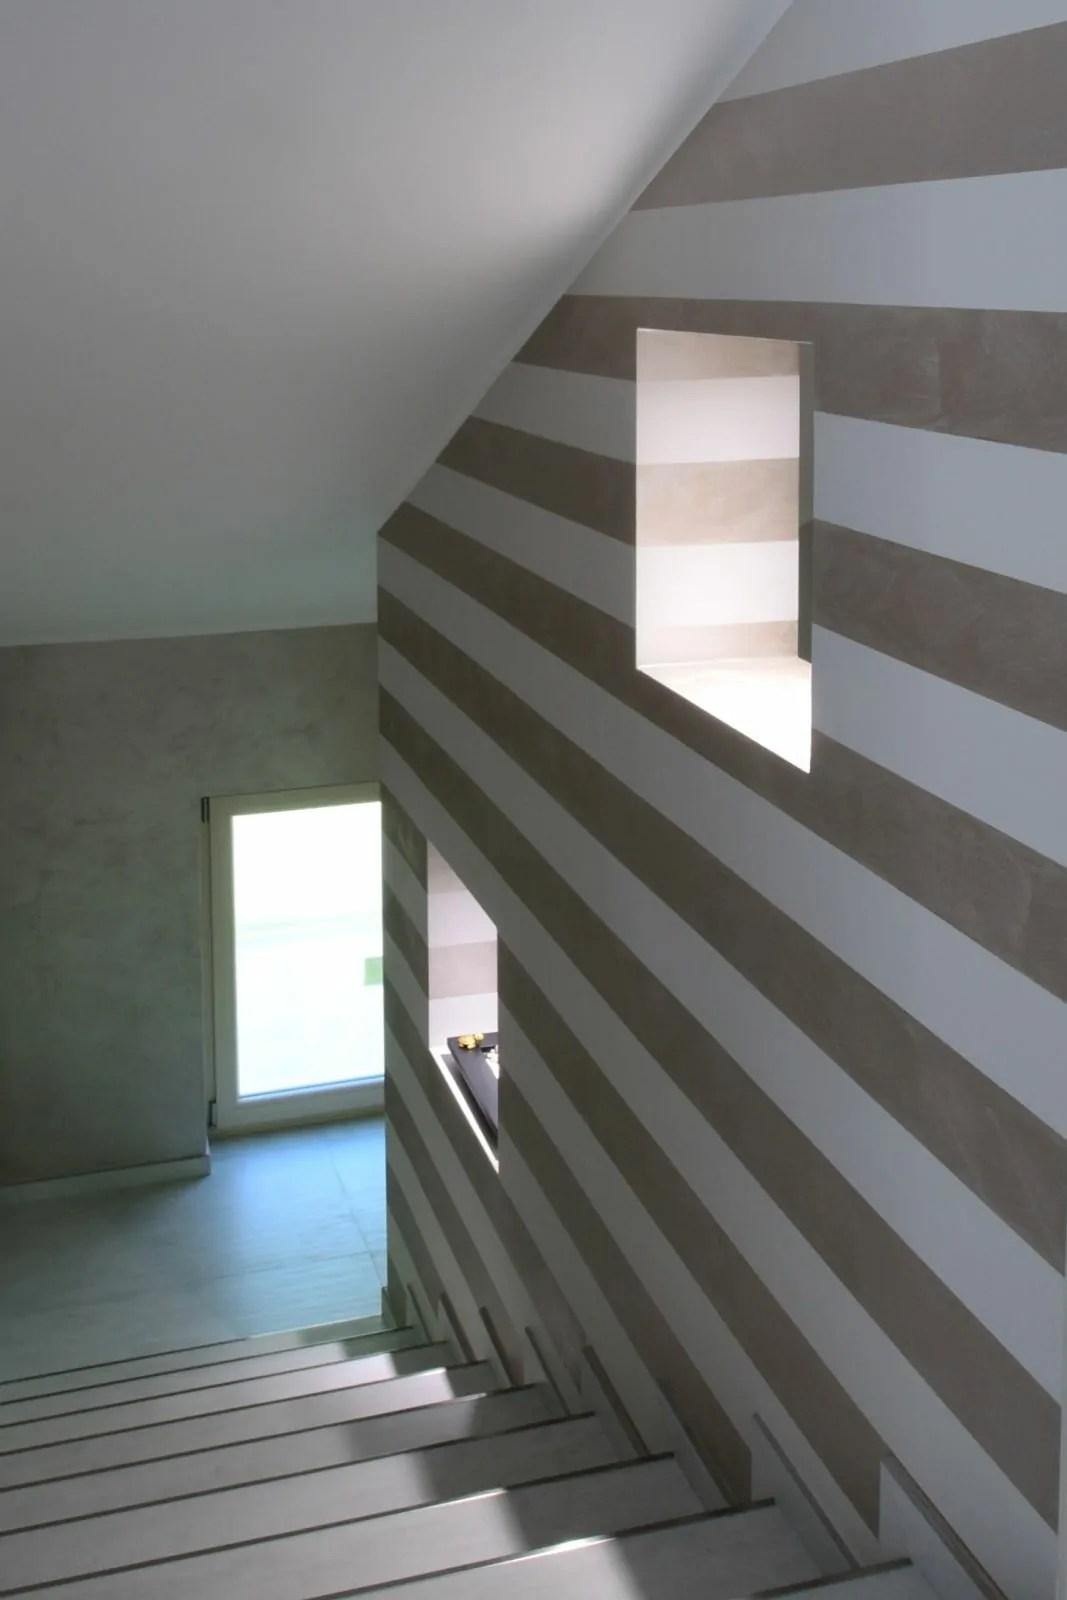 Una volta dipinto le pareti e i soffitti, con notevole soddisfazione per il risultato, potrebbe sembrare giunta l'ora di appendere i rulli. L Imbiancatura Della Tua Casa Blog Colour Factory